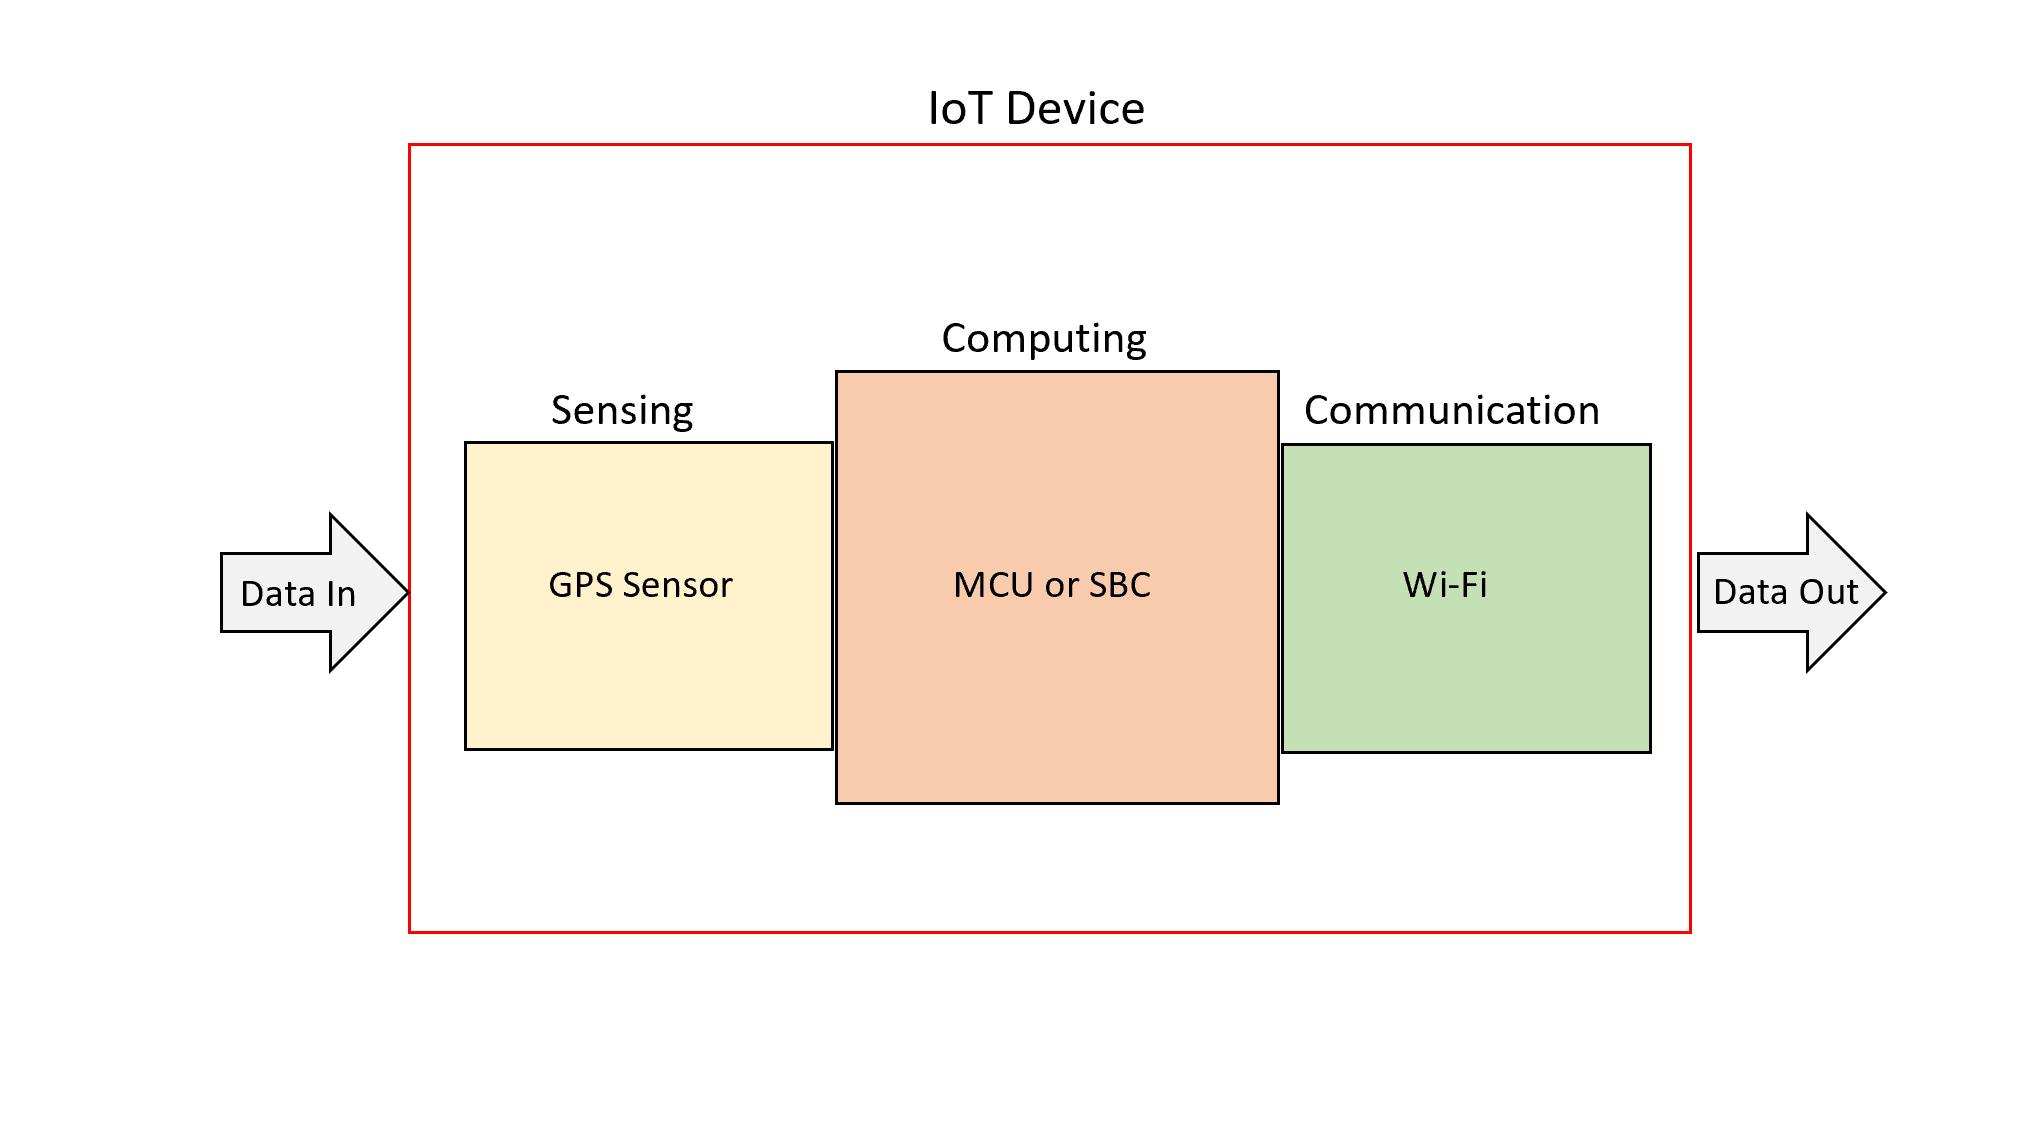 IoT Device